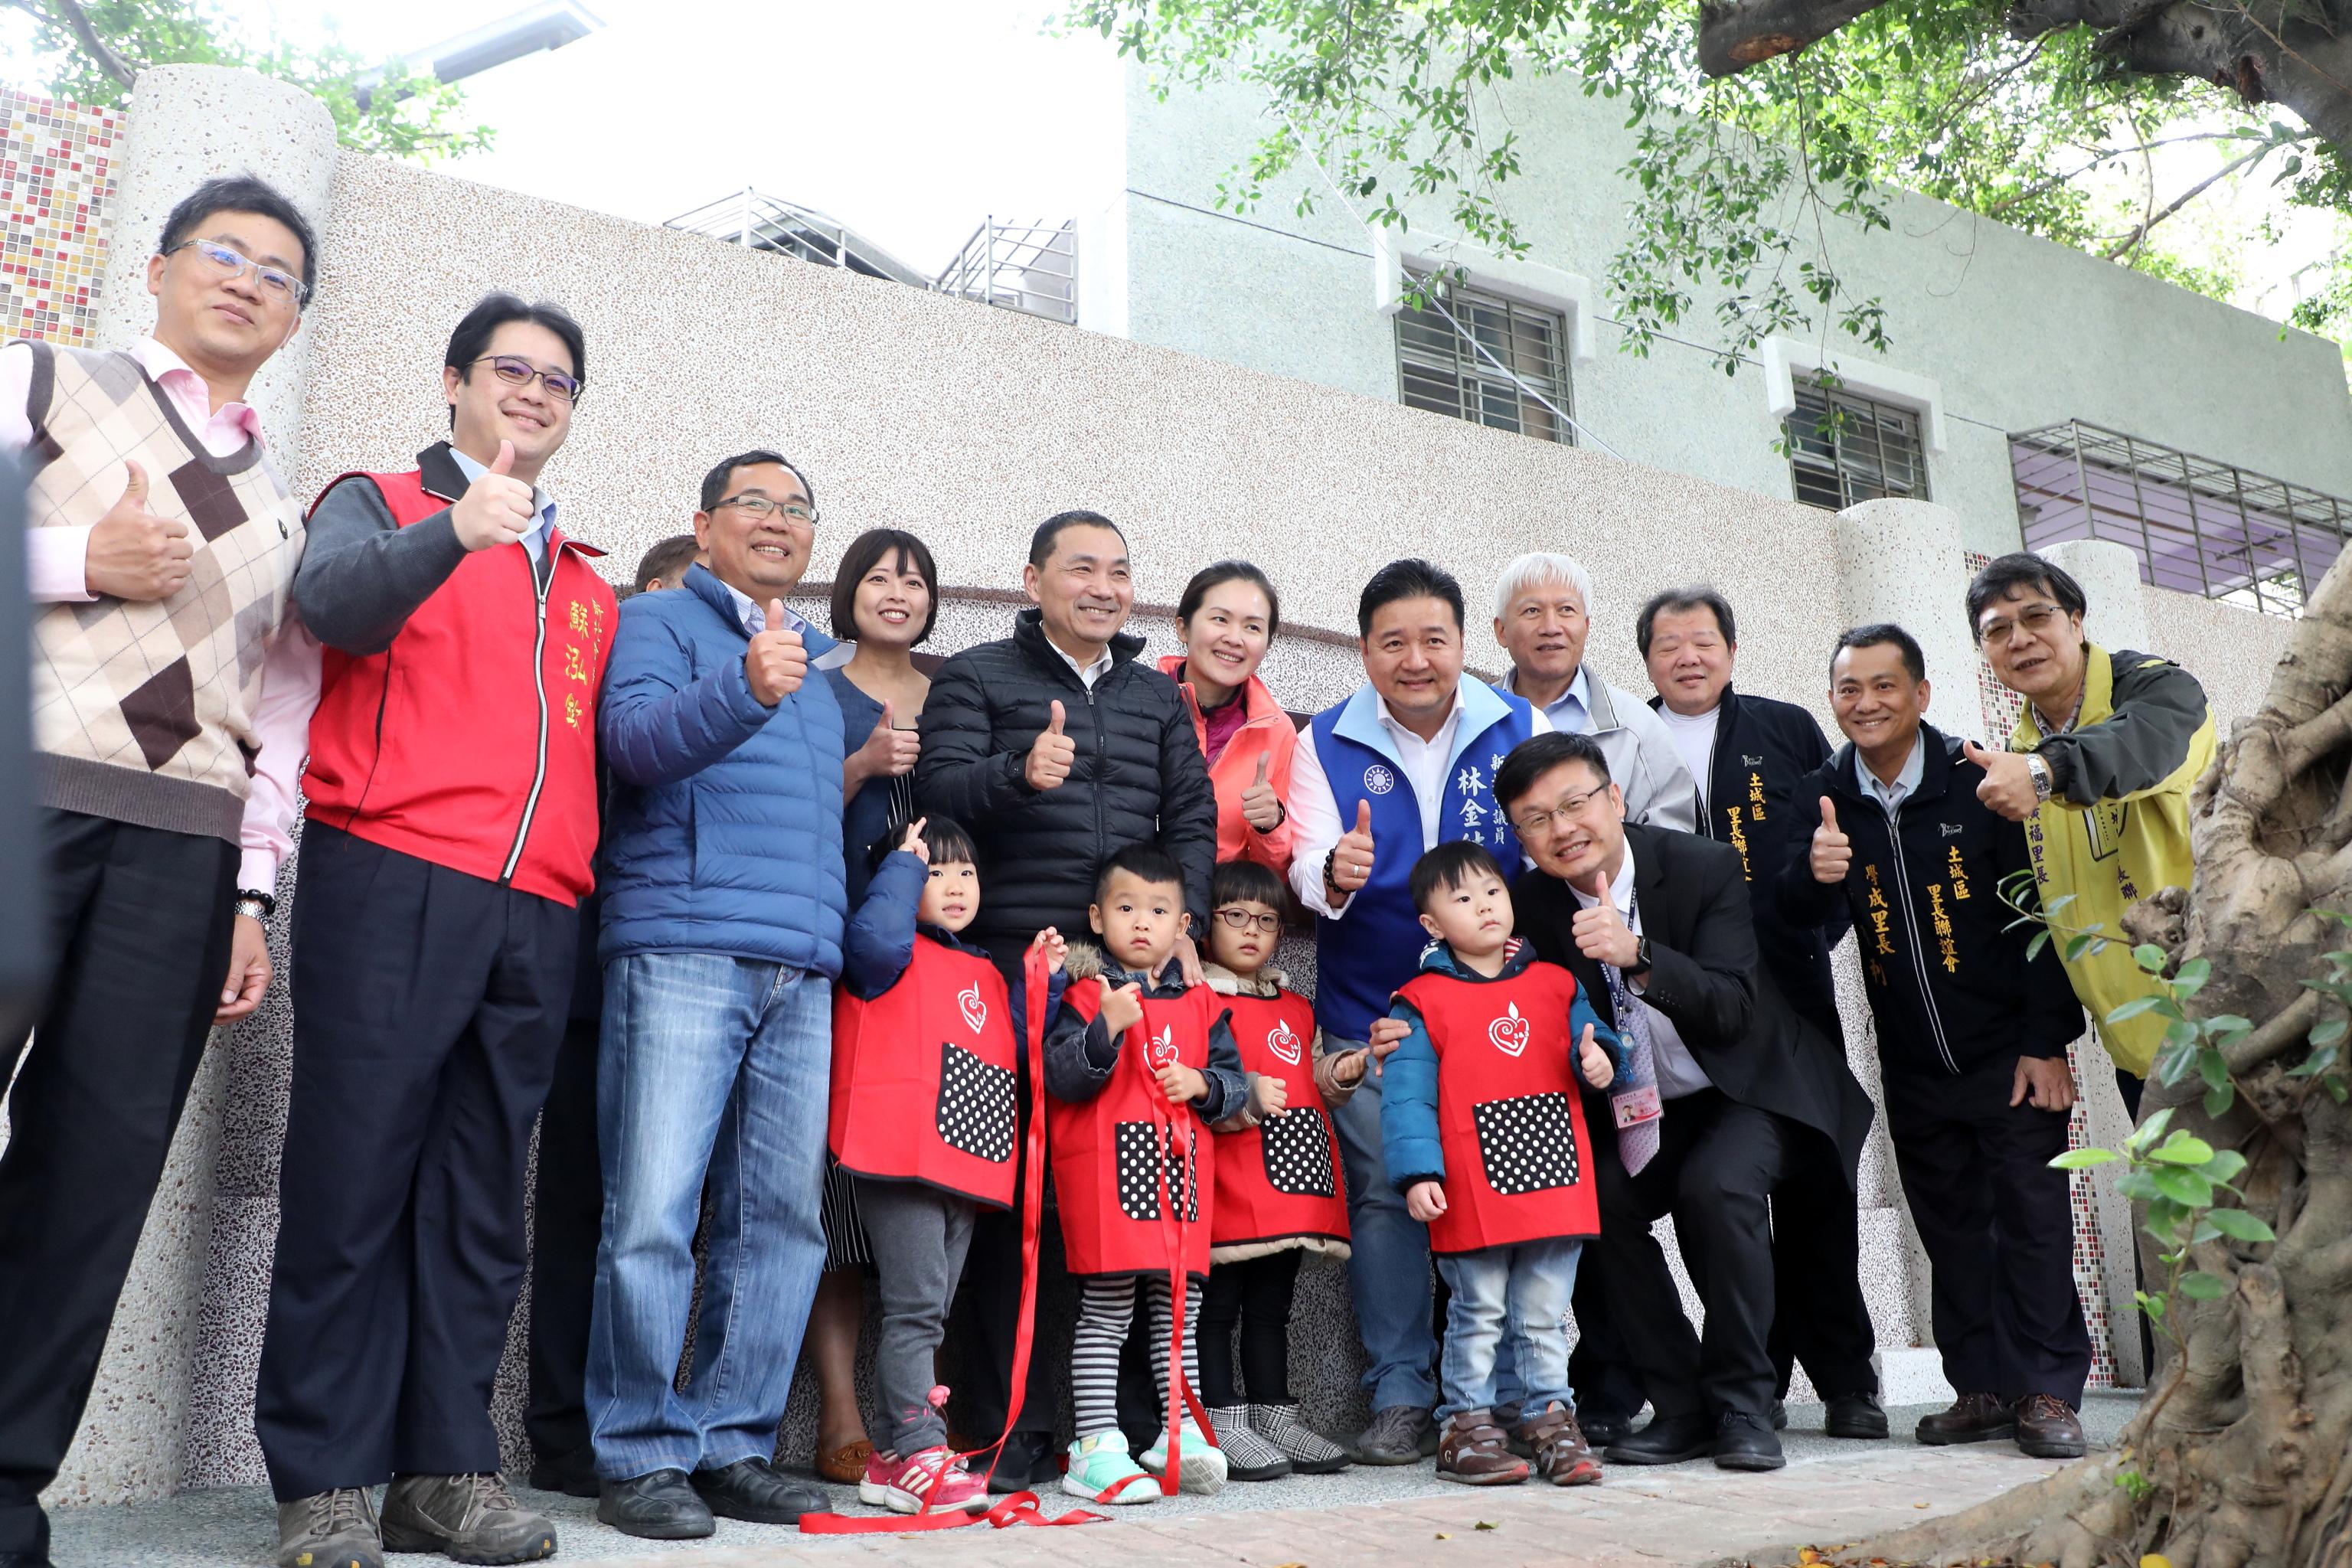 新北市中正非營利幼兒園開學儀式,侯友宜市長到場揭牌祝賀。